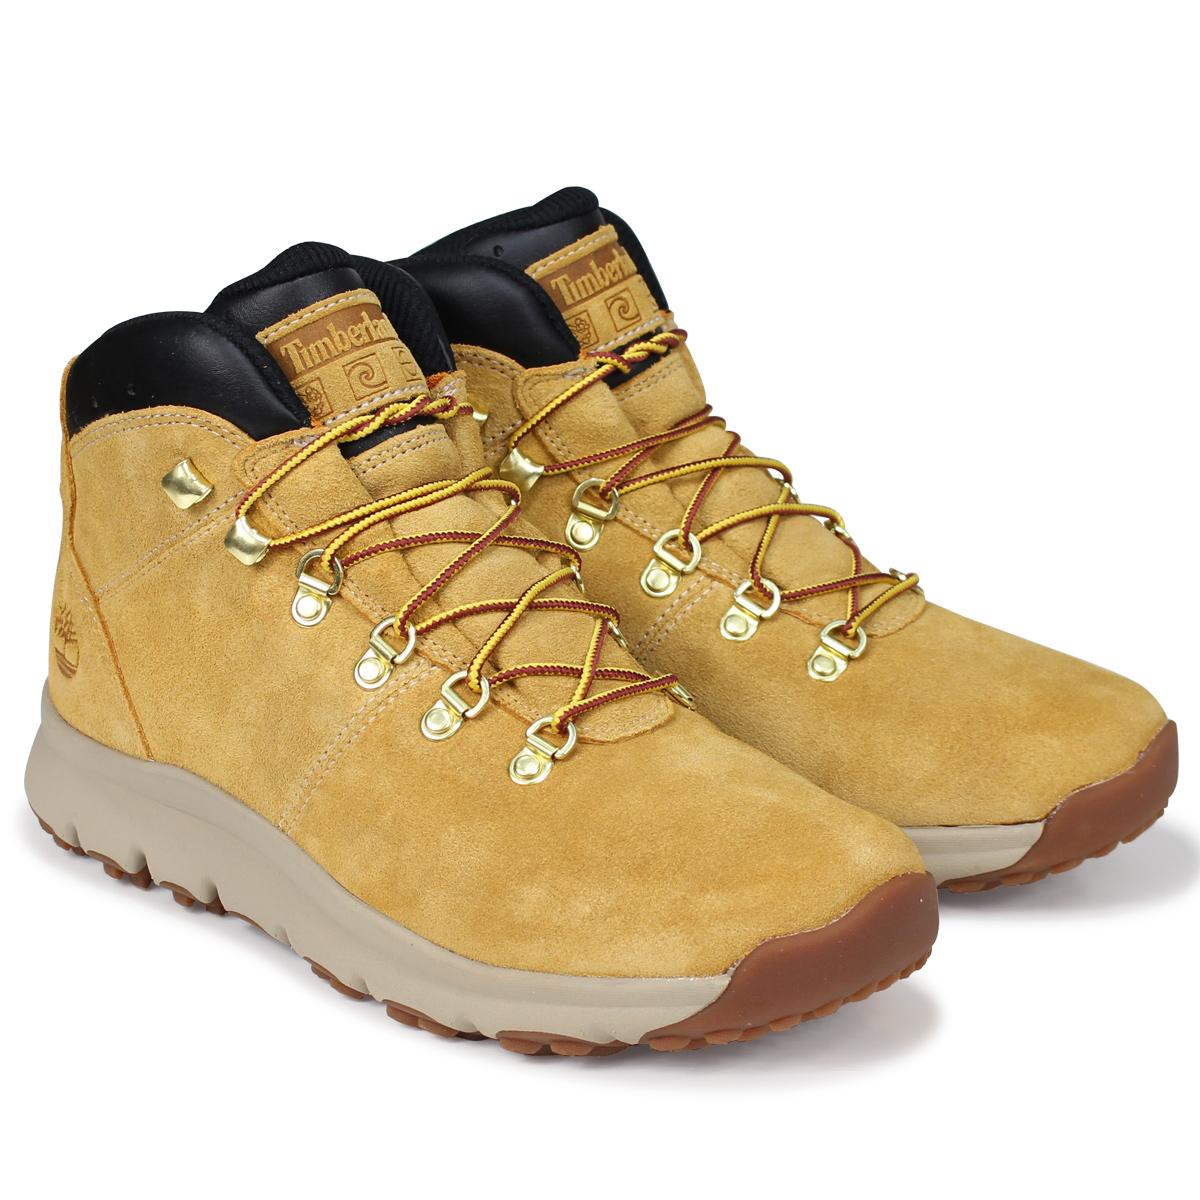 Timberland WORLD HIKER ティンバーランド ブーツ メンズ A1QEW Mワイズ ウィート